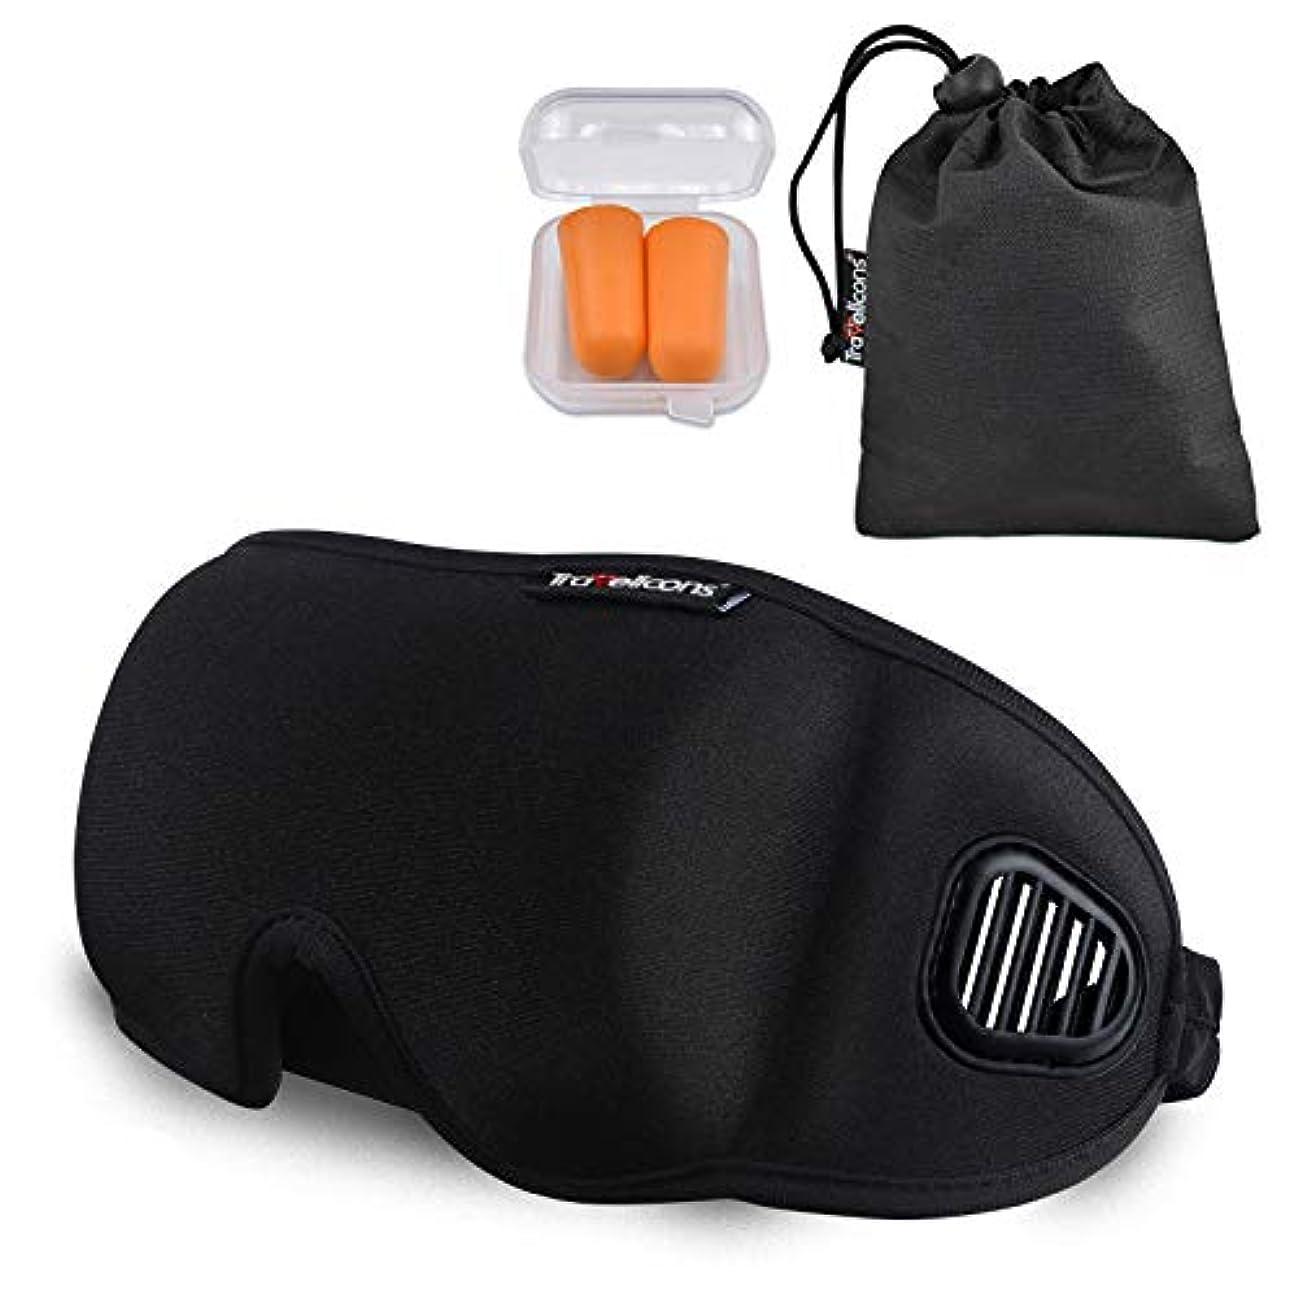 噴出するルートファントムNOTE 3dアイカバースリーピングマスクアイシェードトラベルオフィス睡眠女性男性ゴーグル通気性ソフトアジャスタブルアイパッチ黒目隠し